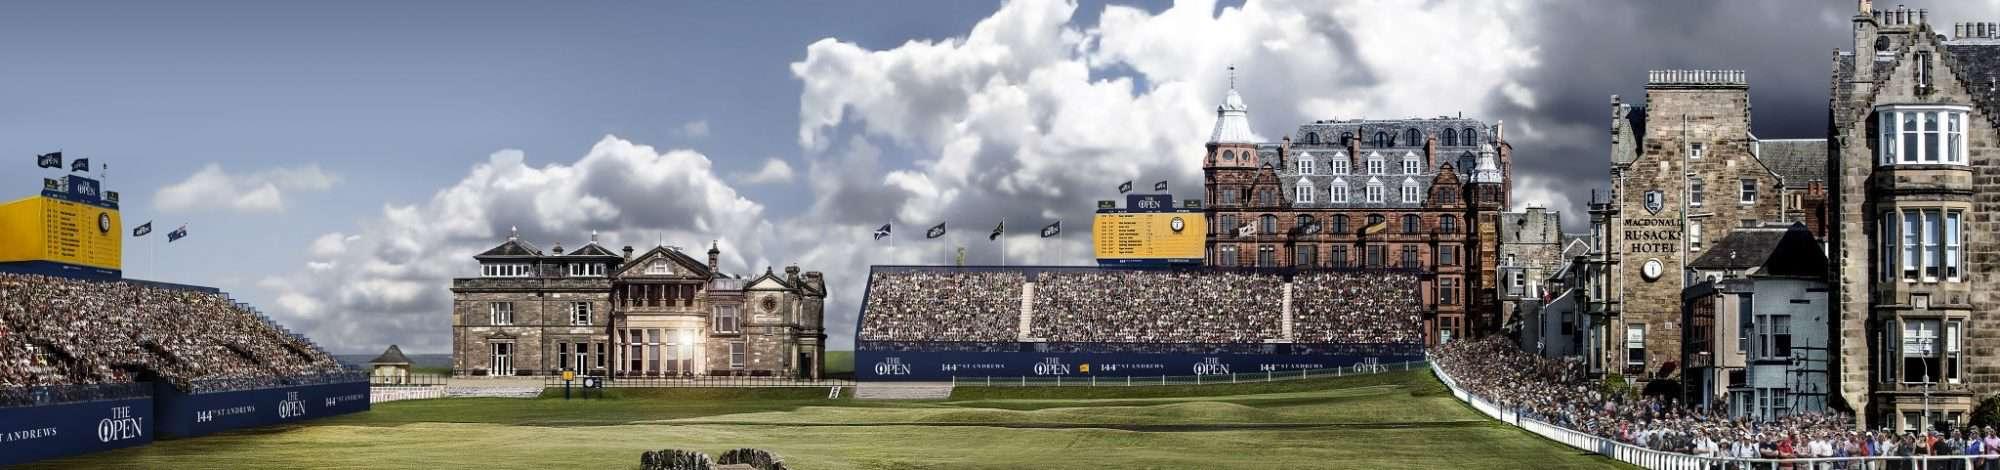 The British Open - Golfreisen Golftourniere